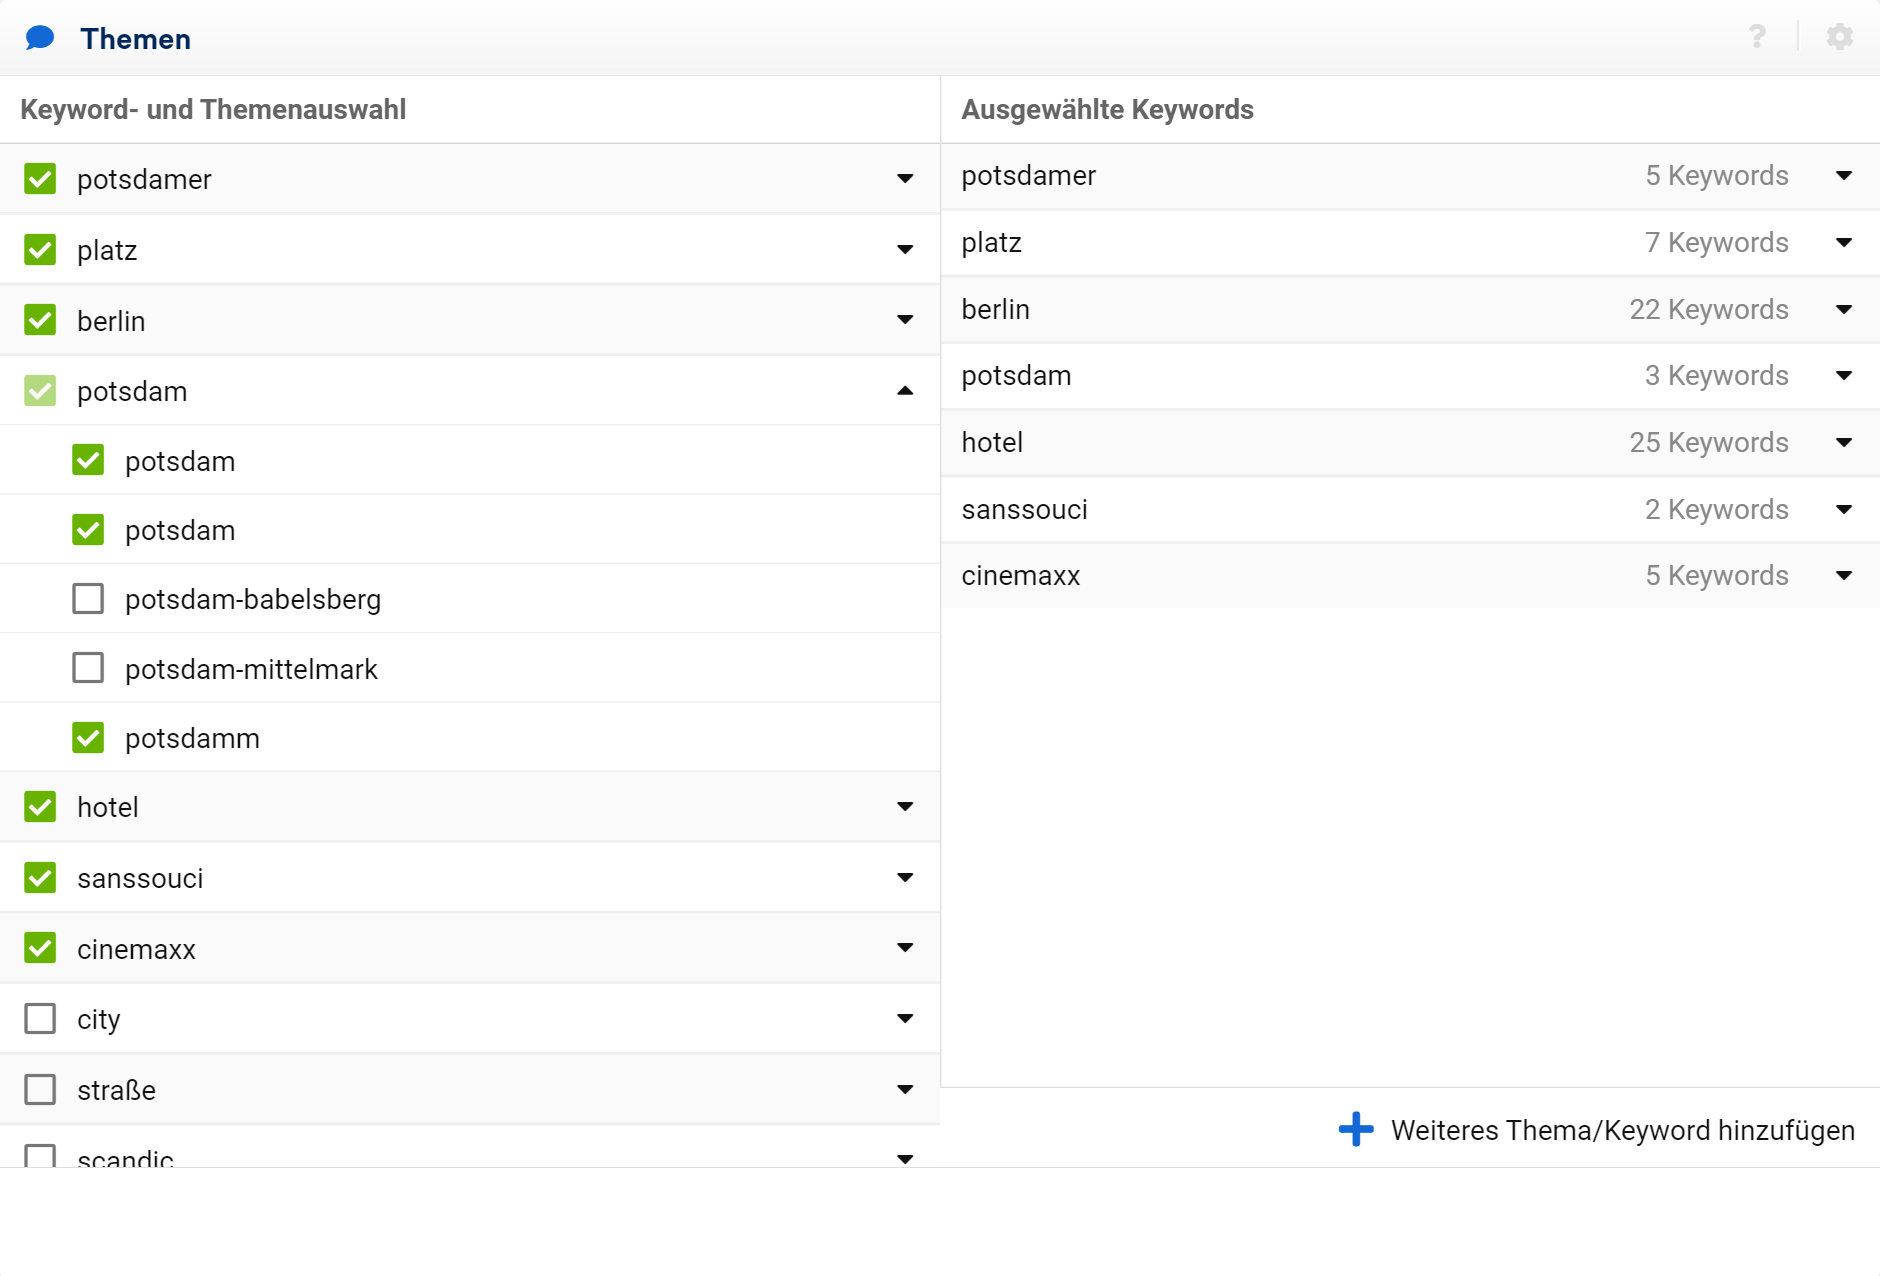 """Wähle die Keywords aus, die du in deinem Projekt sehen möchtest oder füge neue hinzu. Die hinzugefügten Keywords werden in der """"Themen""""-Box auf der rechten Seite des Editors angezeigt."""